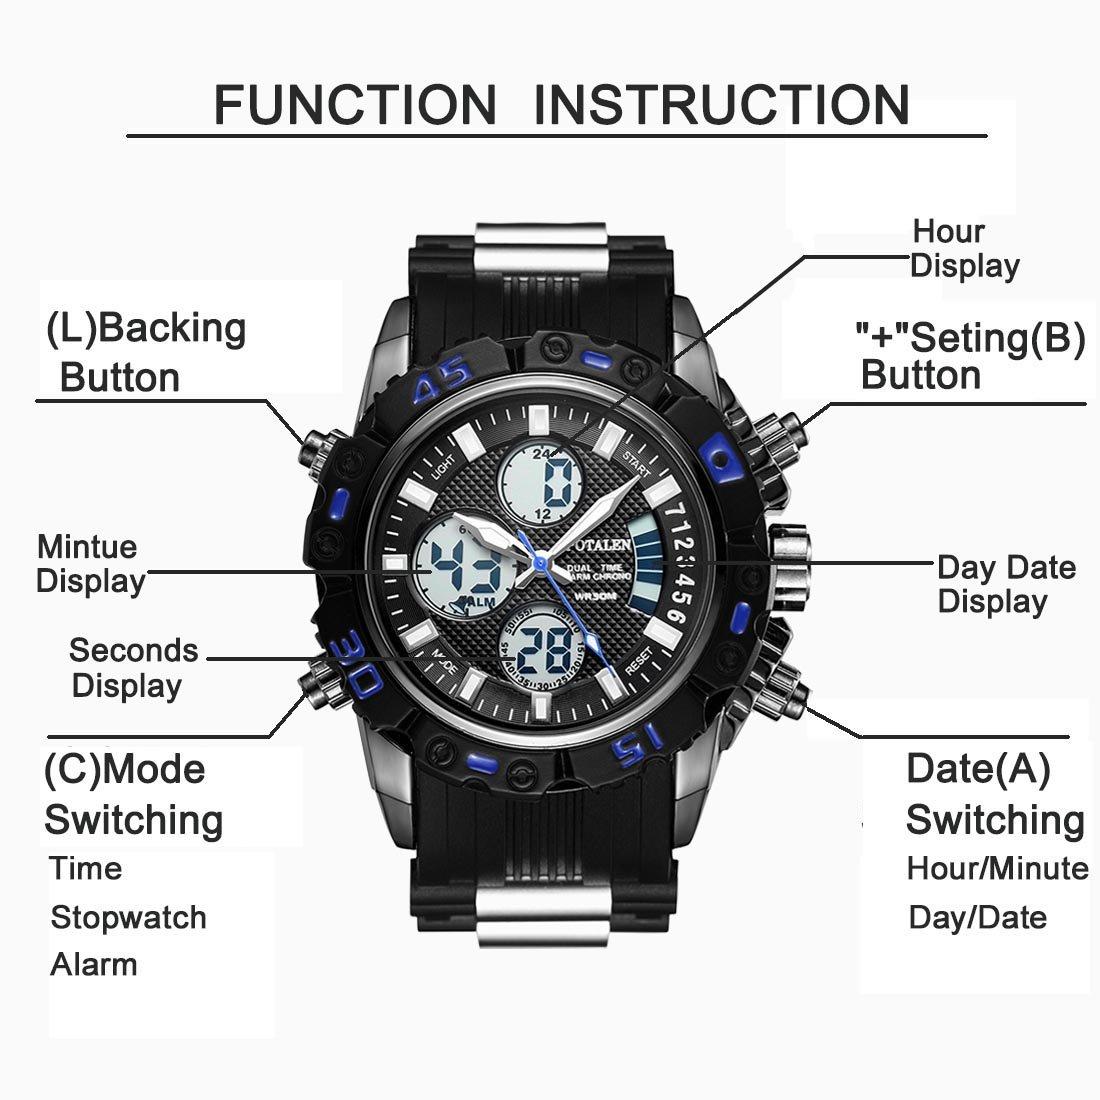 Relojes deportivos digitales para hombre, reloj analógico electrónico resistente al agua al aire libre con cronómetro/alarma/temporizador/luz LED/fecha de ...